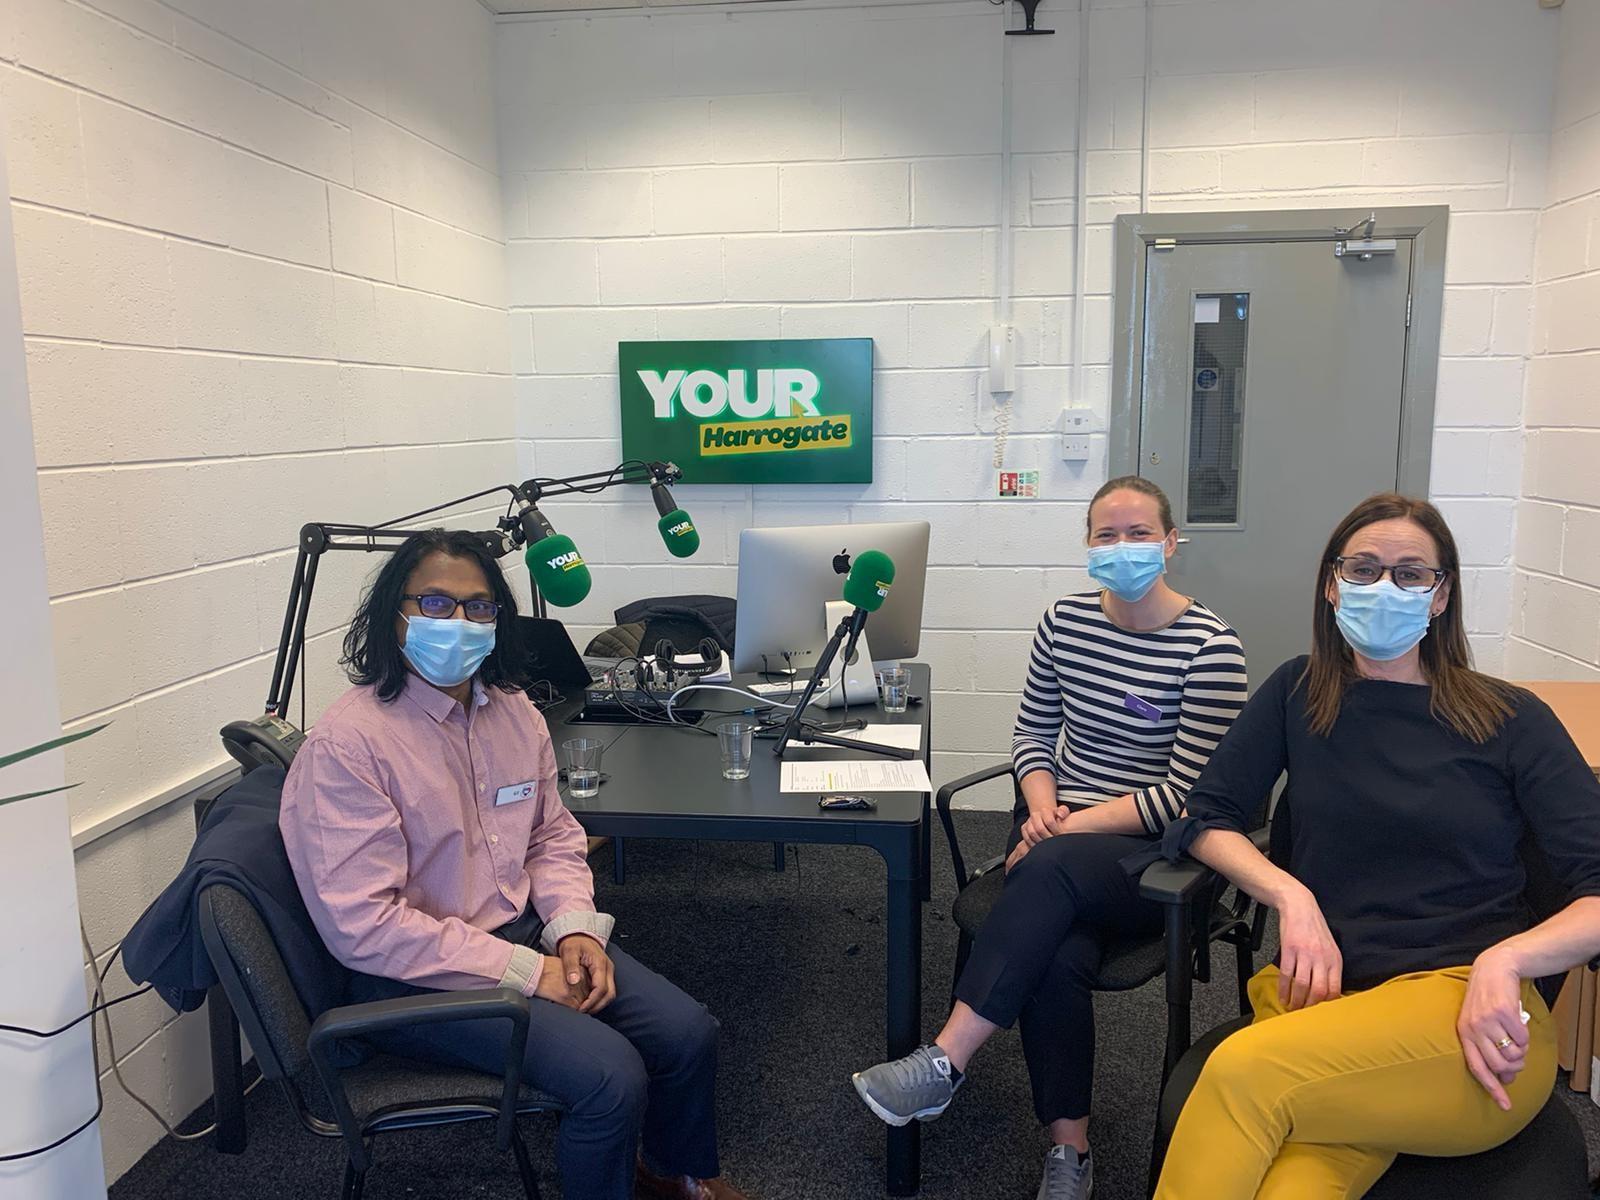 Bernadette Mossman, Gil Chimon, Clare Shuker Vida Healthcare Podcast